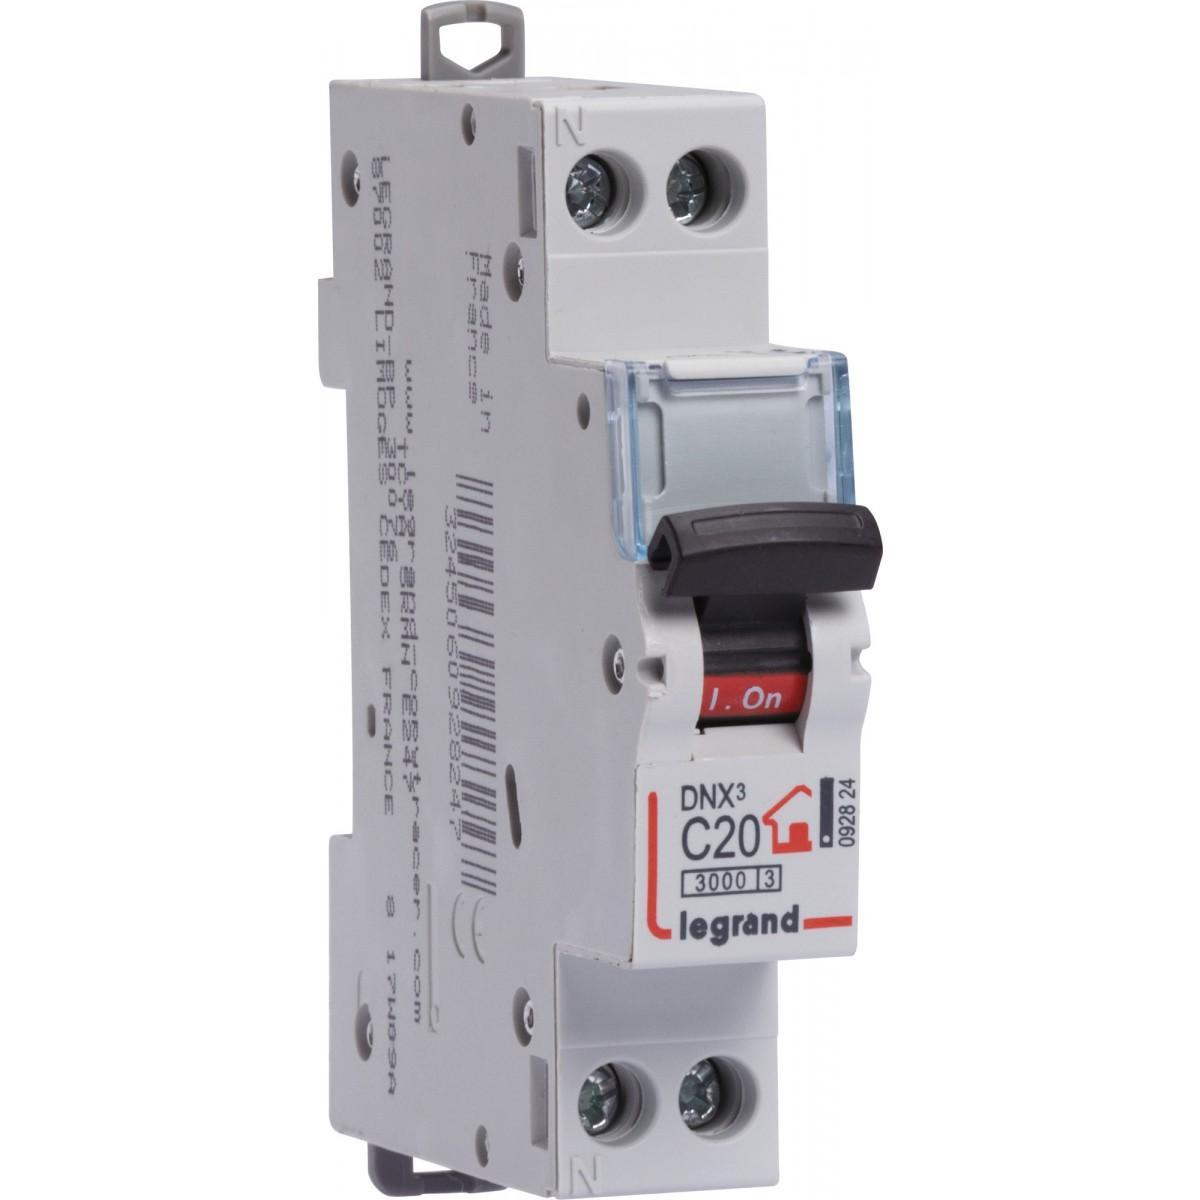 Disjoncteur DNX type C Legrand - Unipolaire + neutre - Intensité 25 A